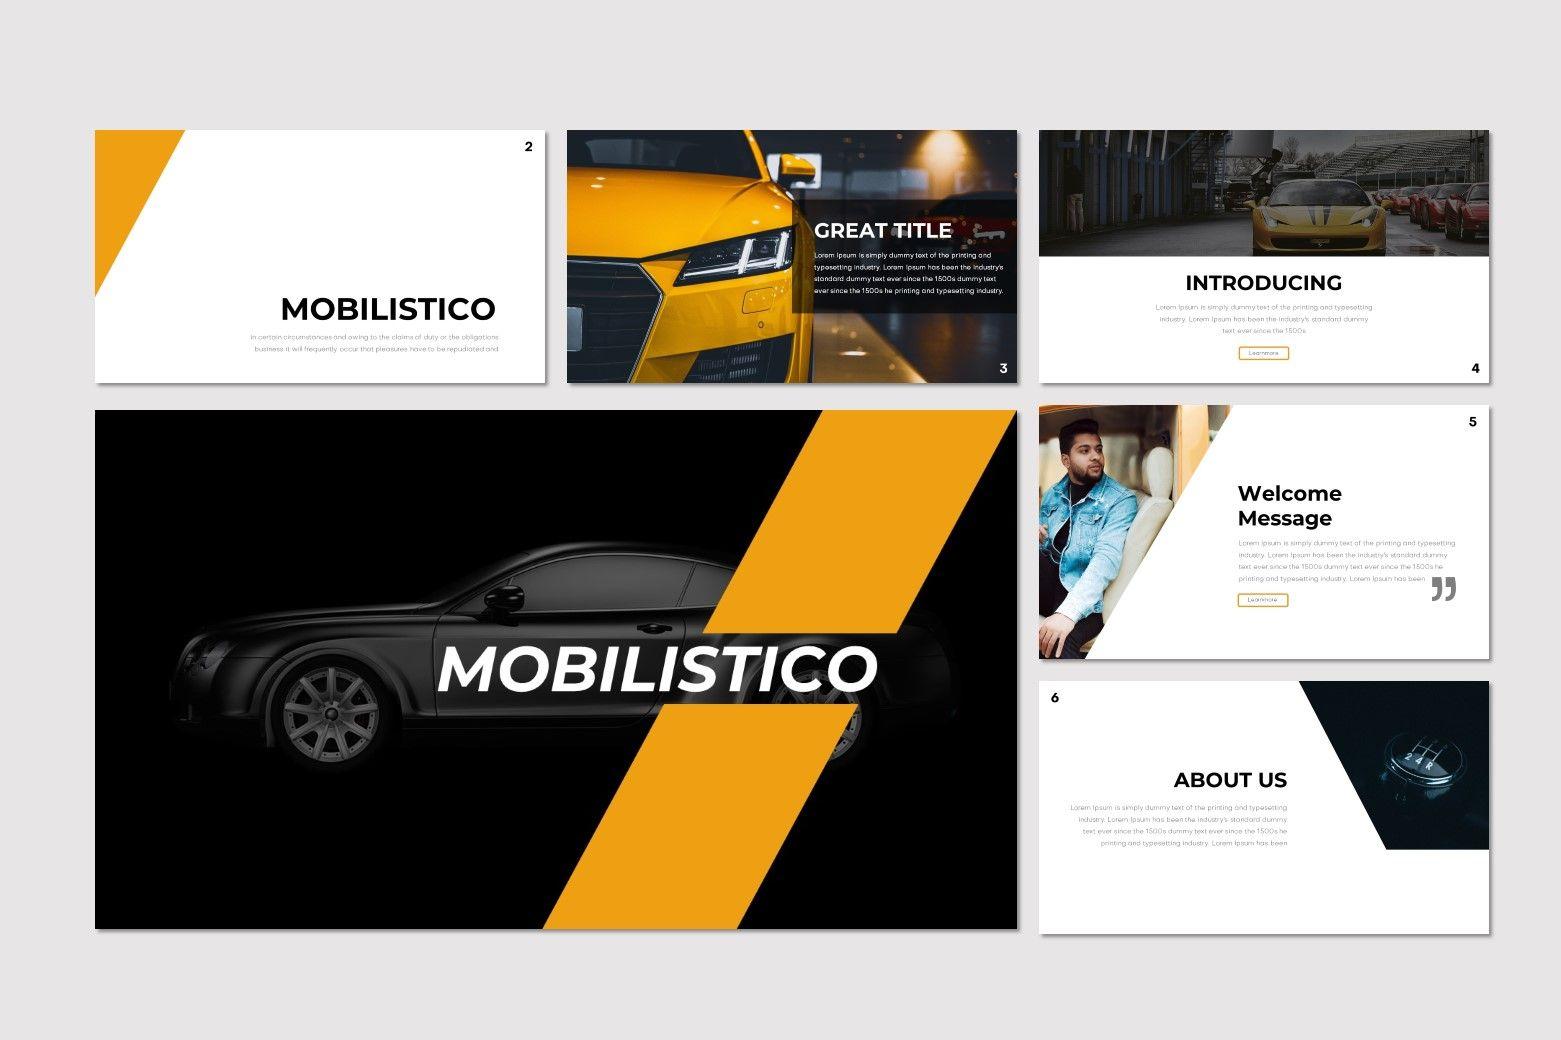 Mobilistico - Keynote Template, Slide 2, 07534, Presentation Templates — PoweredTemplate.com